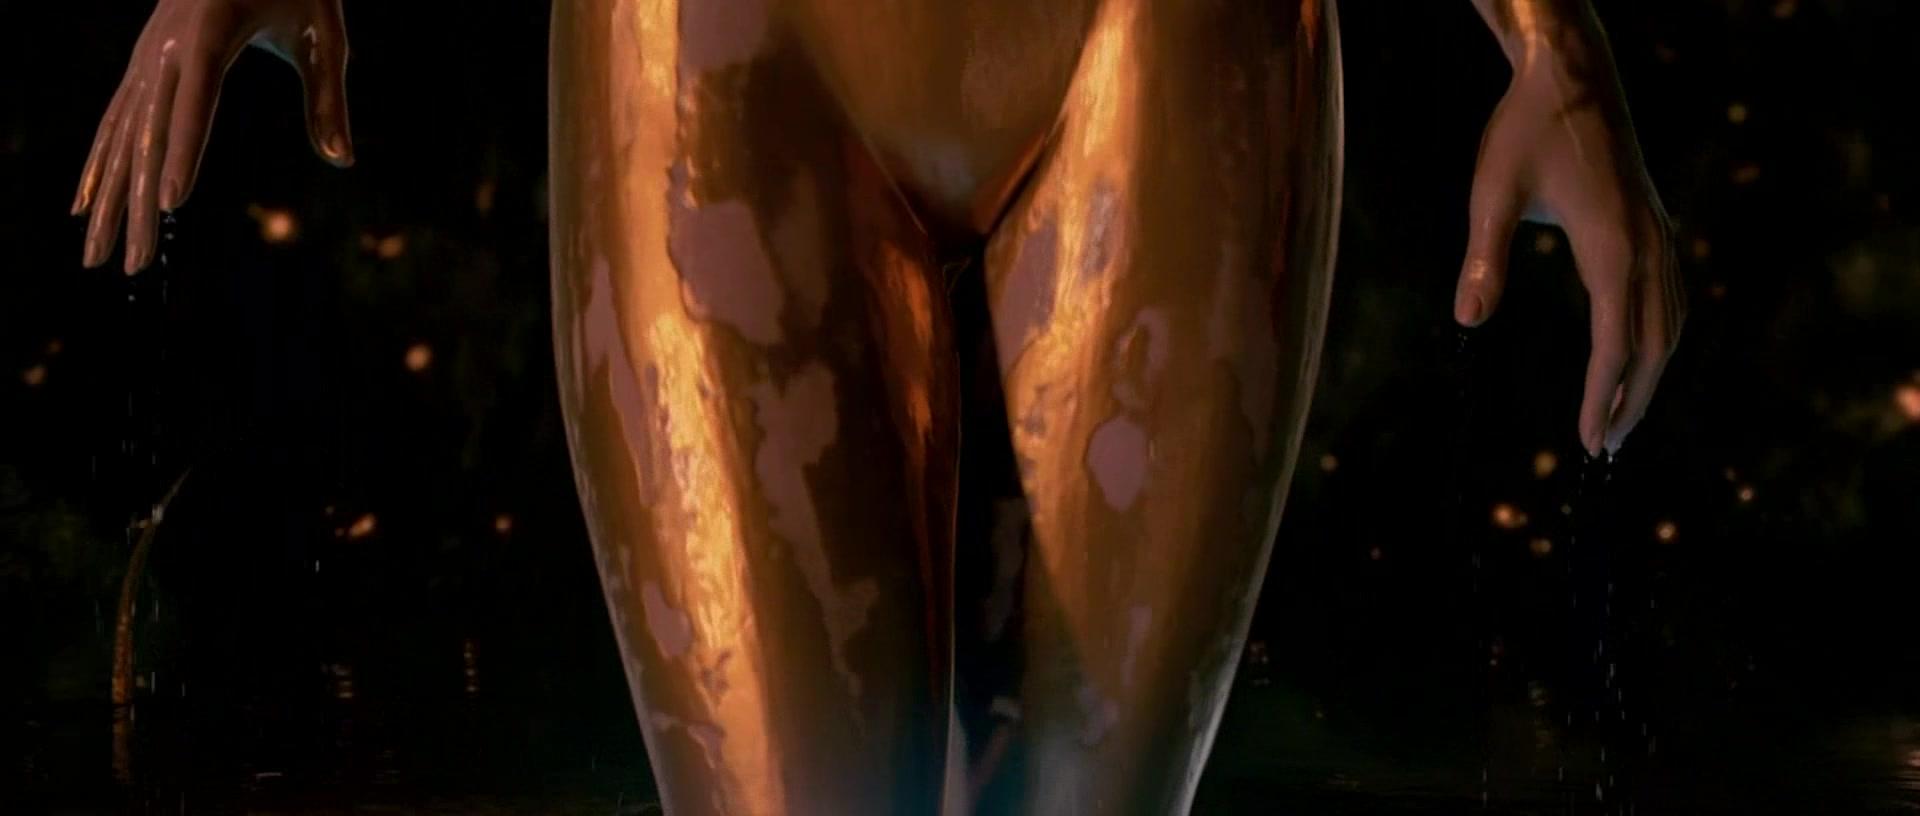 Angelina jolie nude beowulf